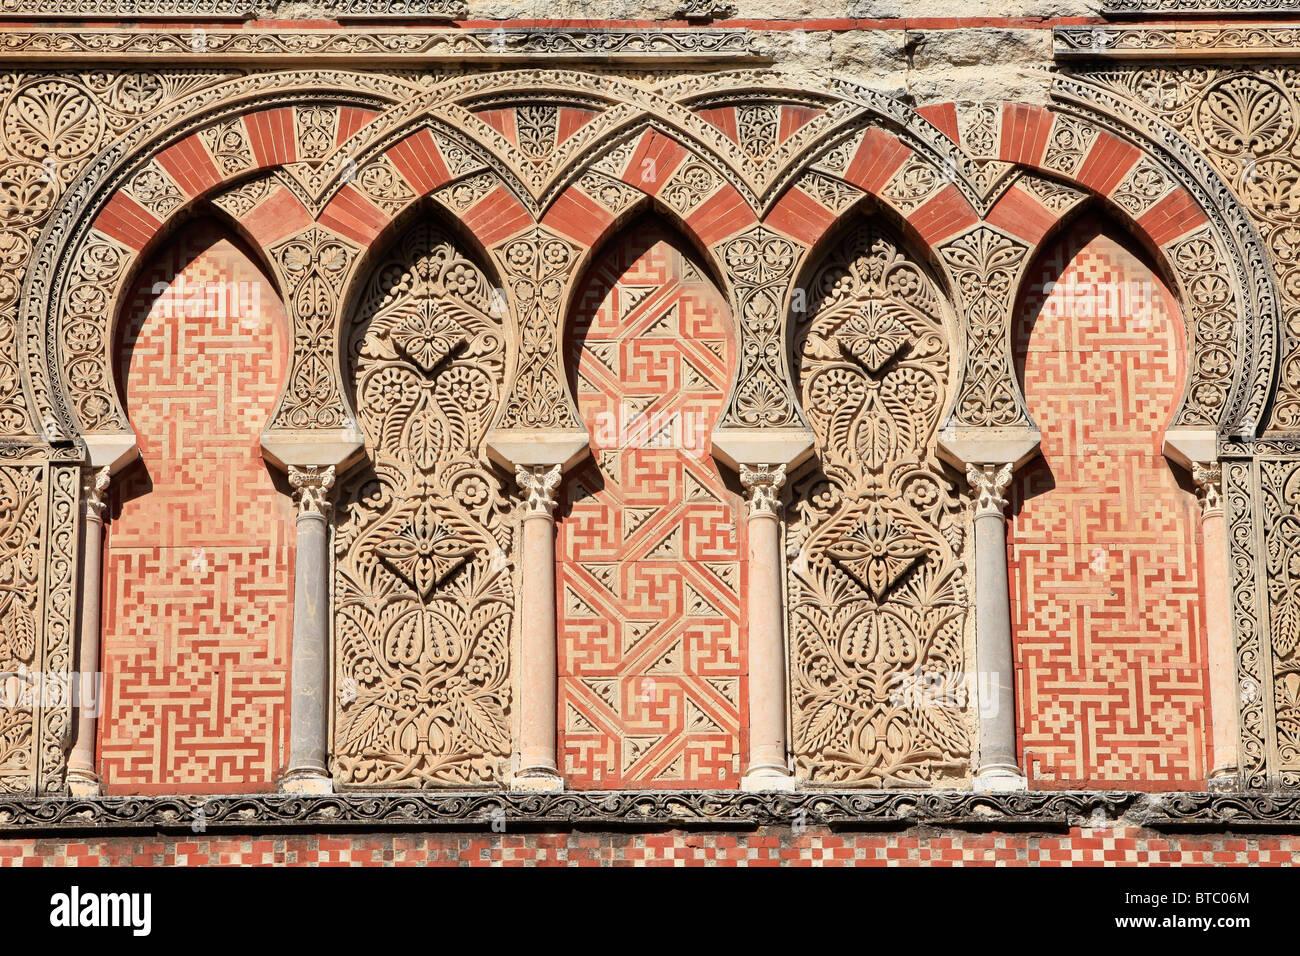 Medievale architettura islamica sulla facciata della Moque-Cathedral di Cordoba, Spagna Immagini Stock